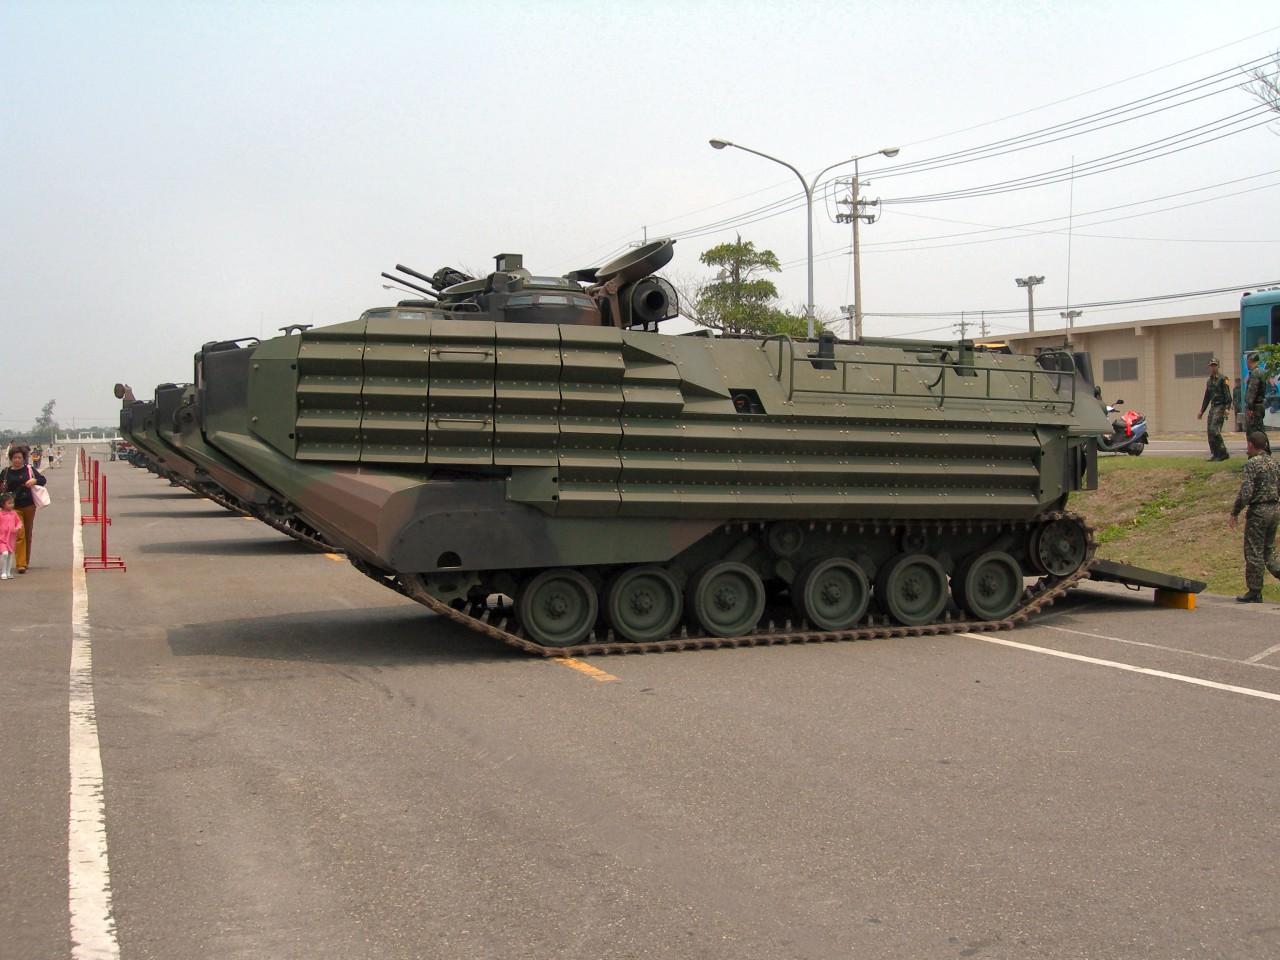 Тайвань получит 36 американских плавающих бронетранспортеров AAV7A1